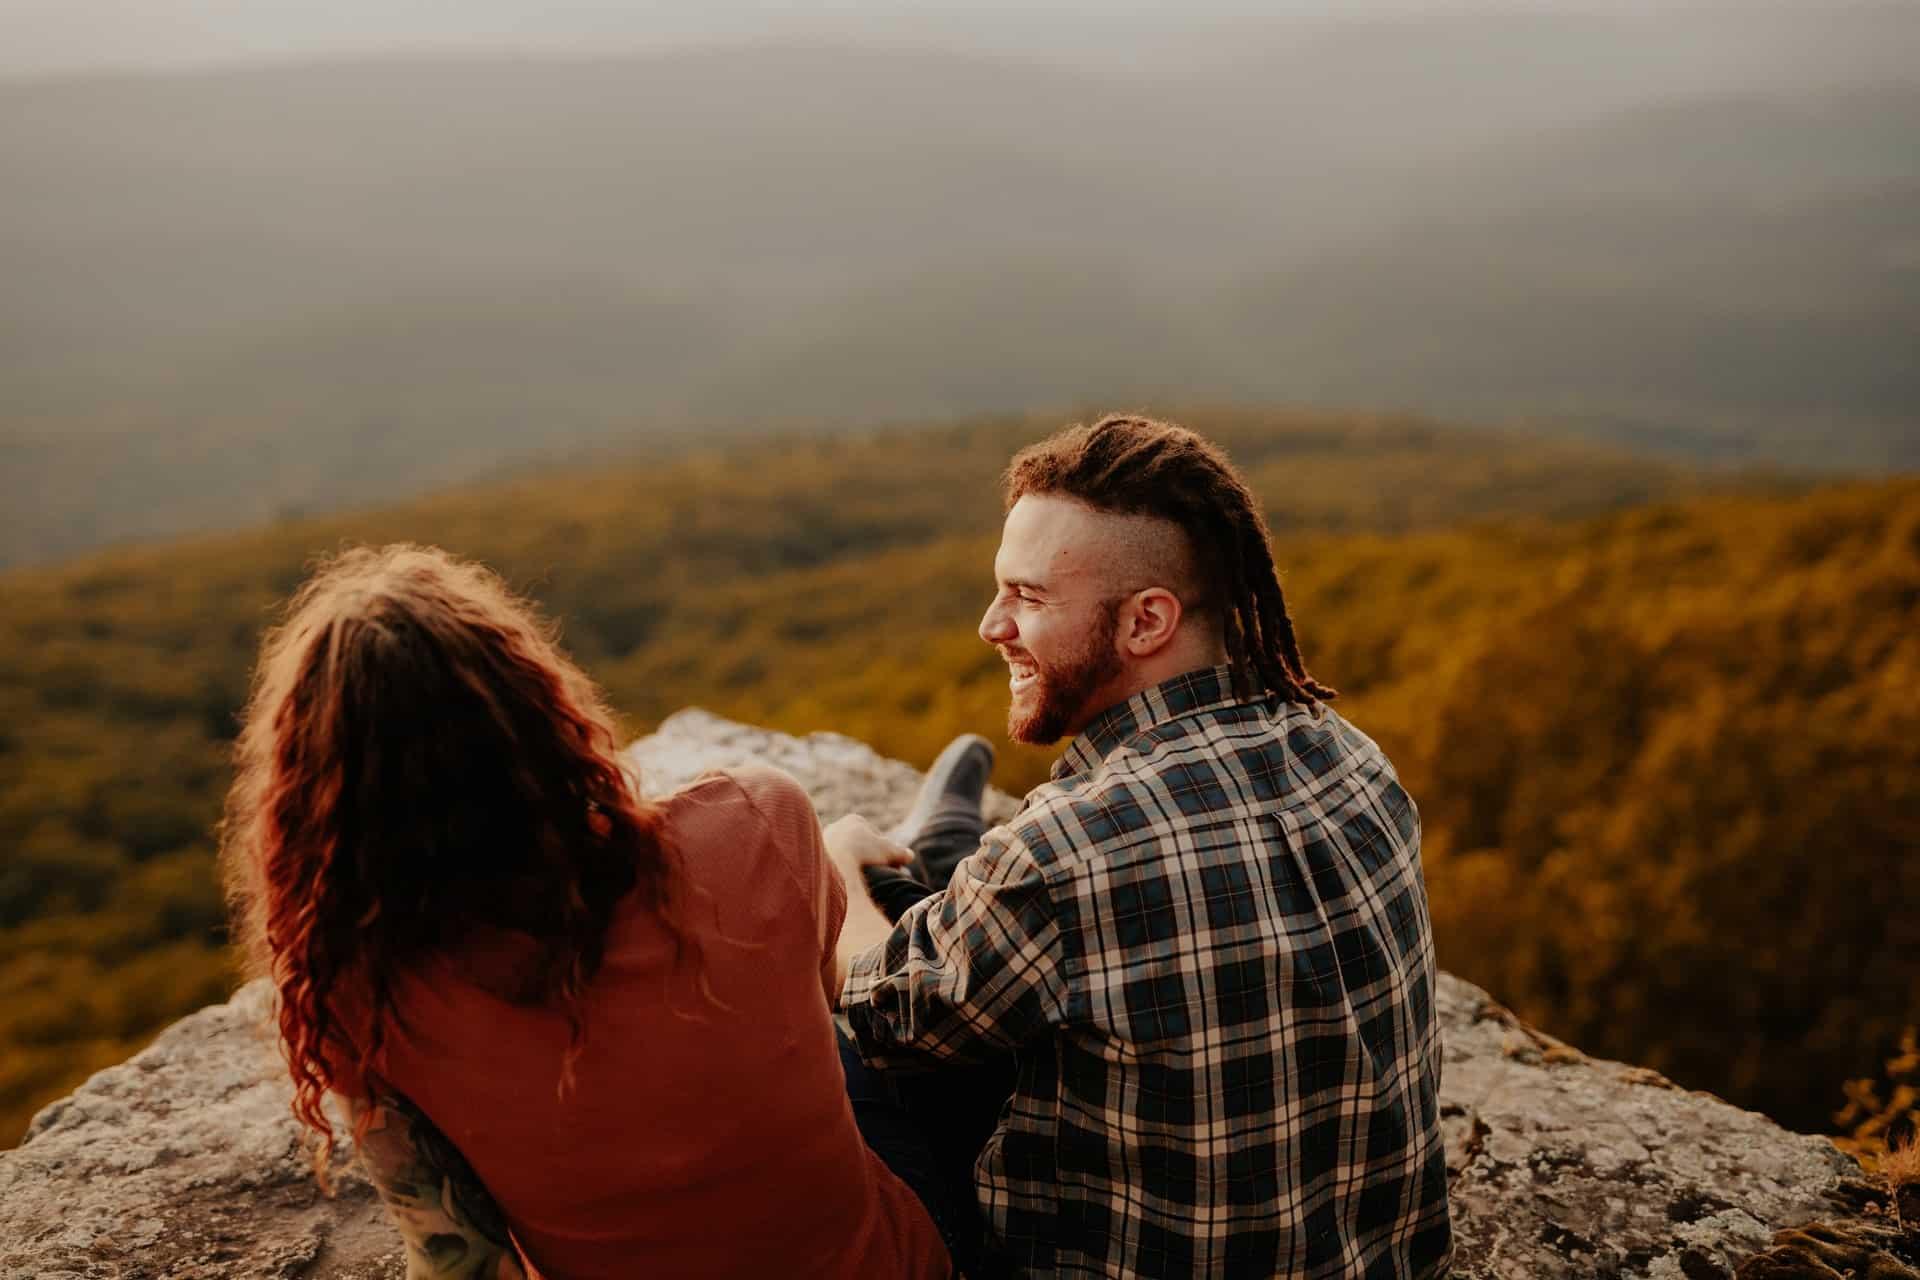 un homme et une femme s'assoient sur un rocher et rient